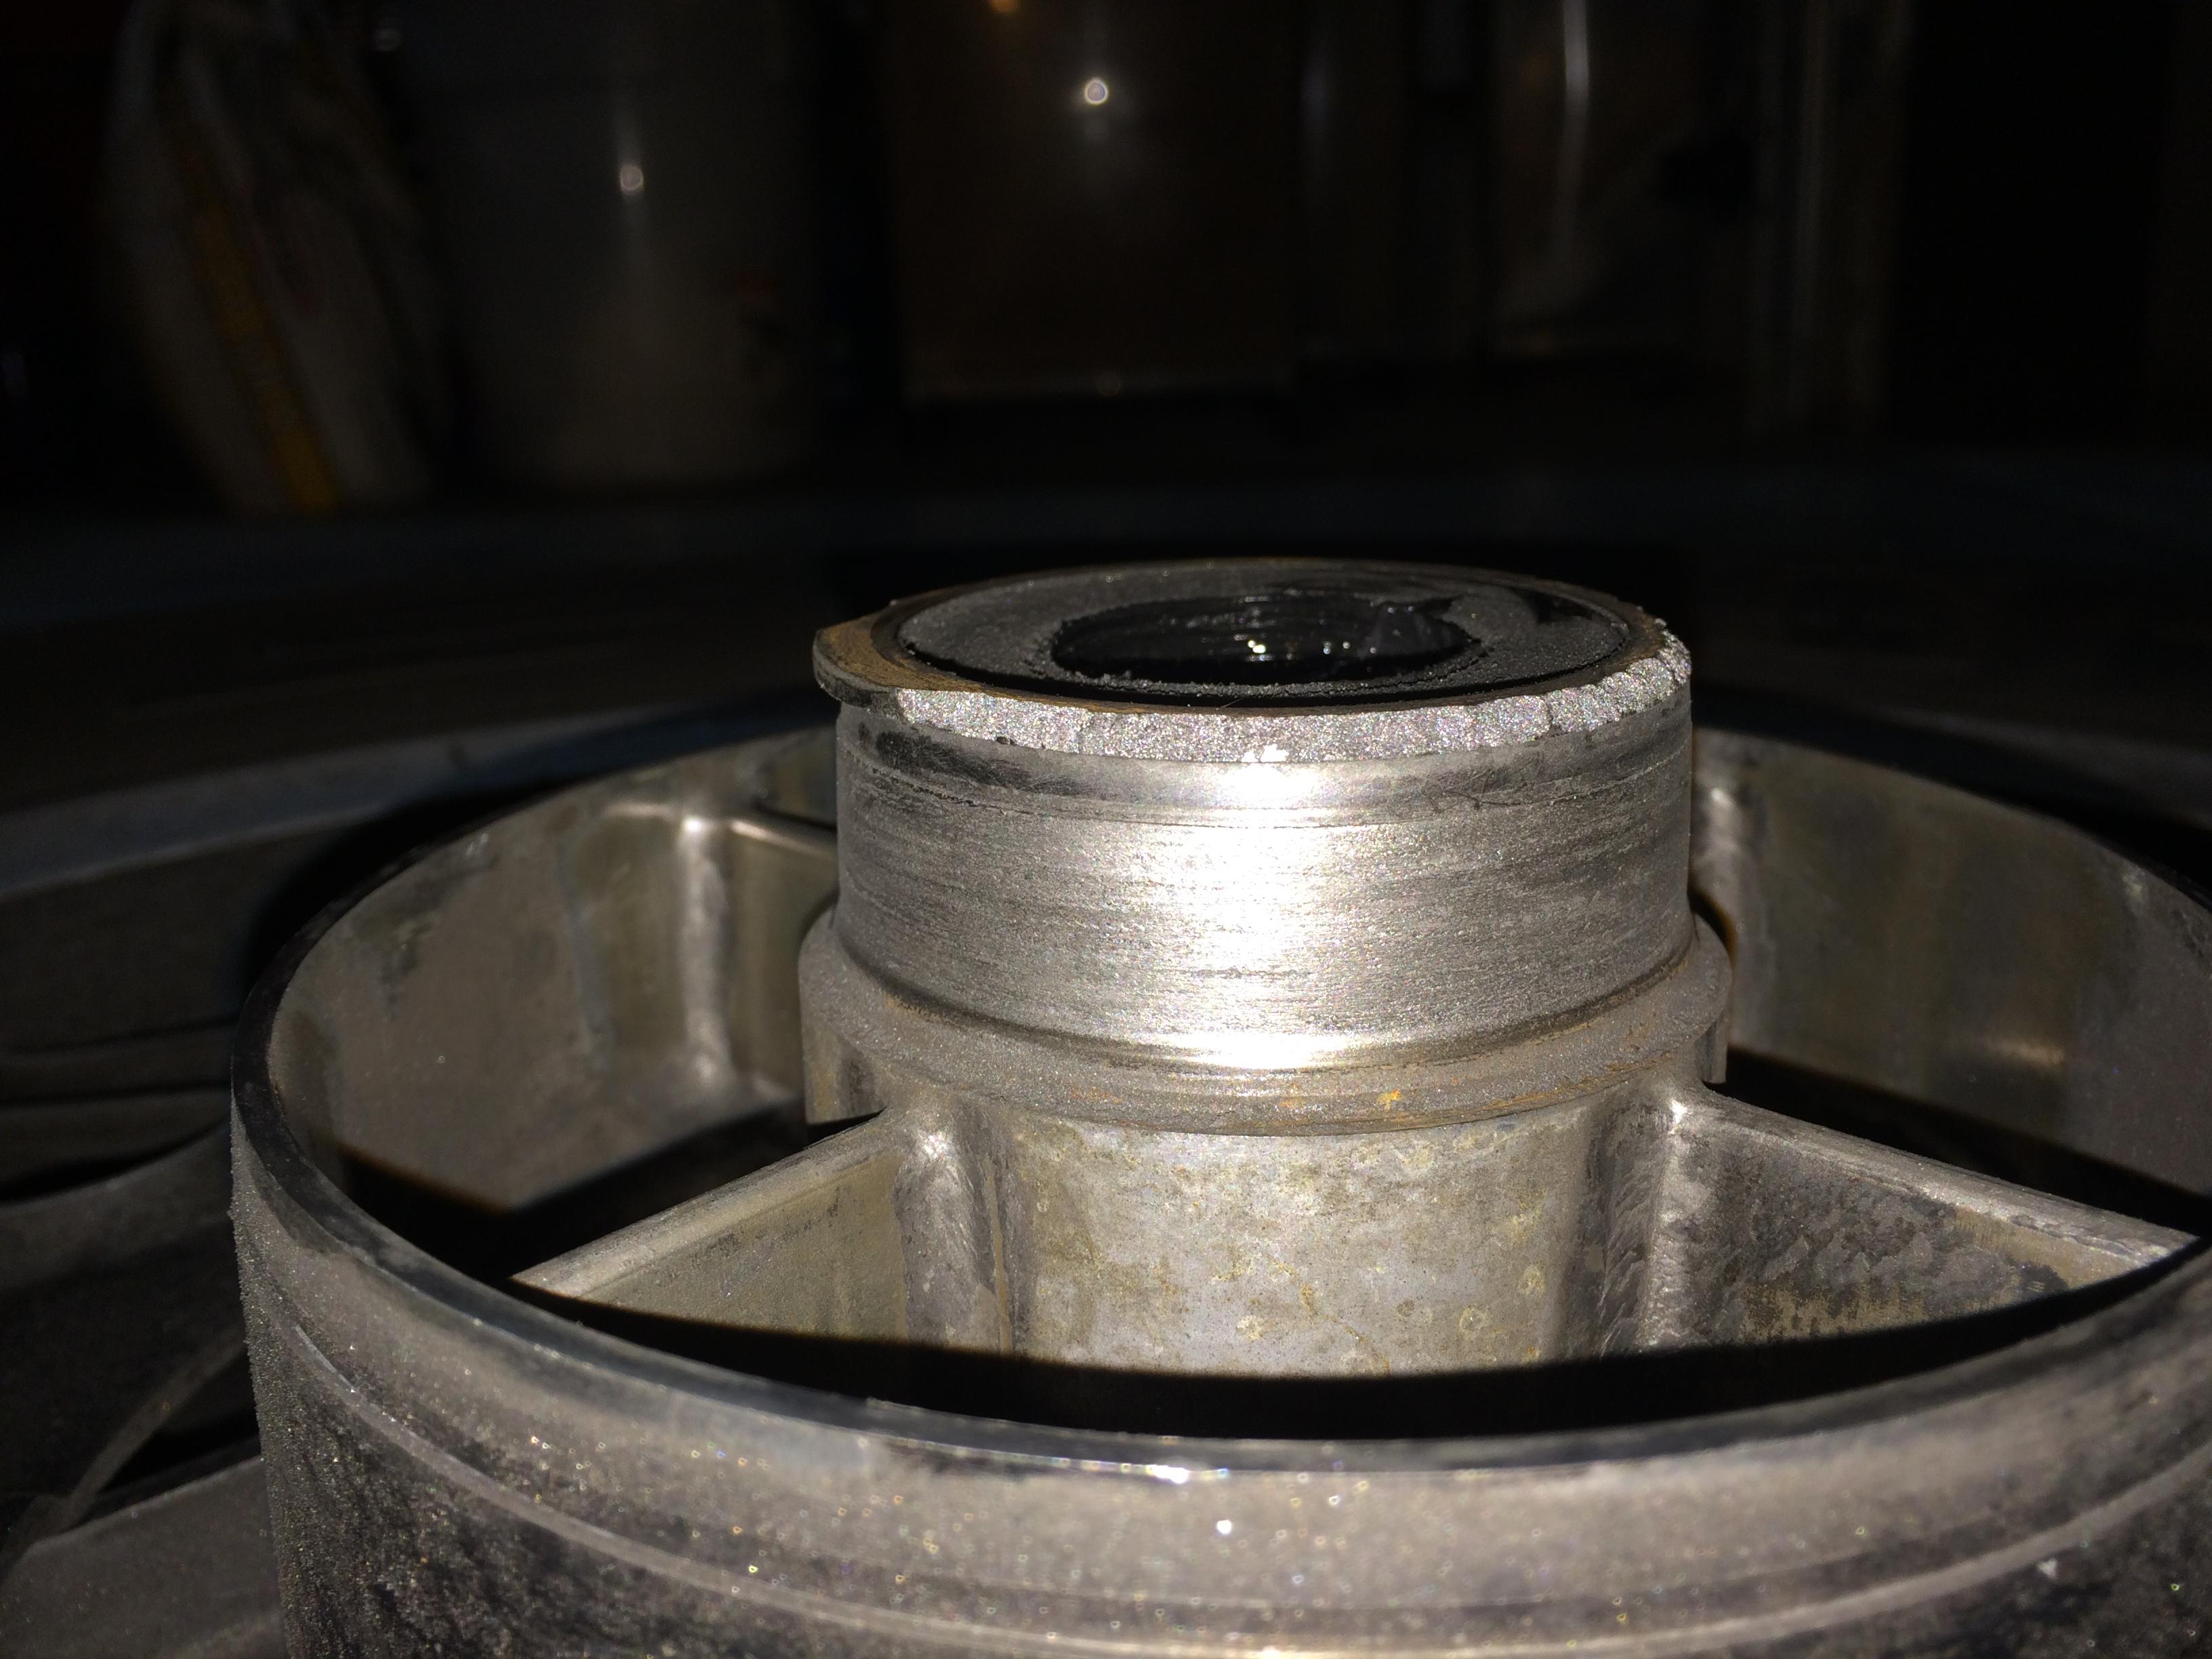 1982 CB450T Broken Wheel-20151101_064622319_ios.jpg